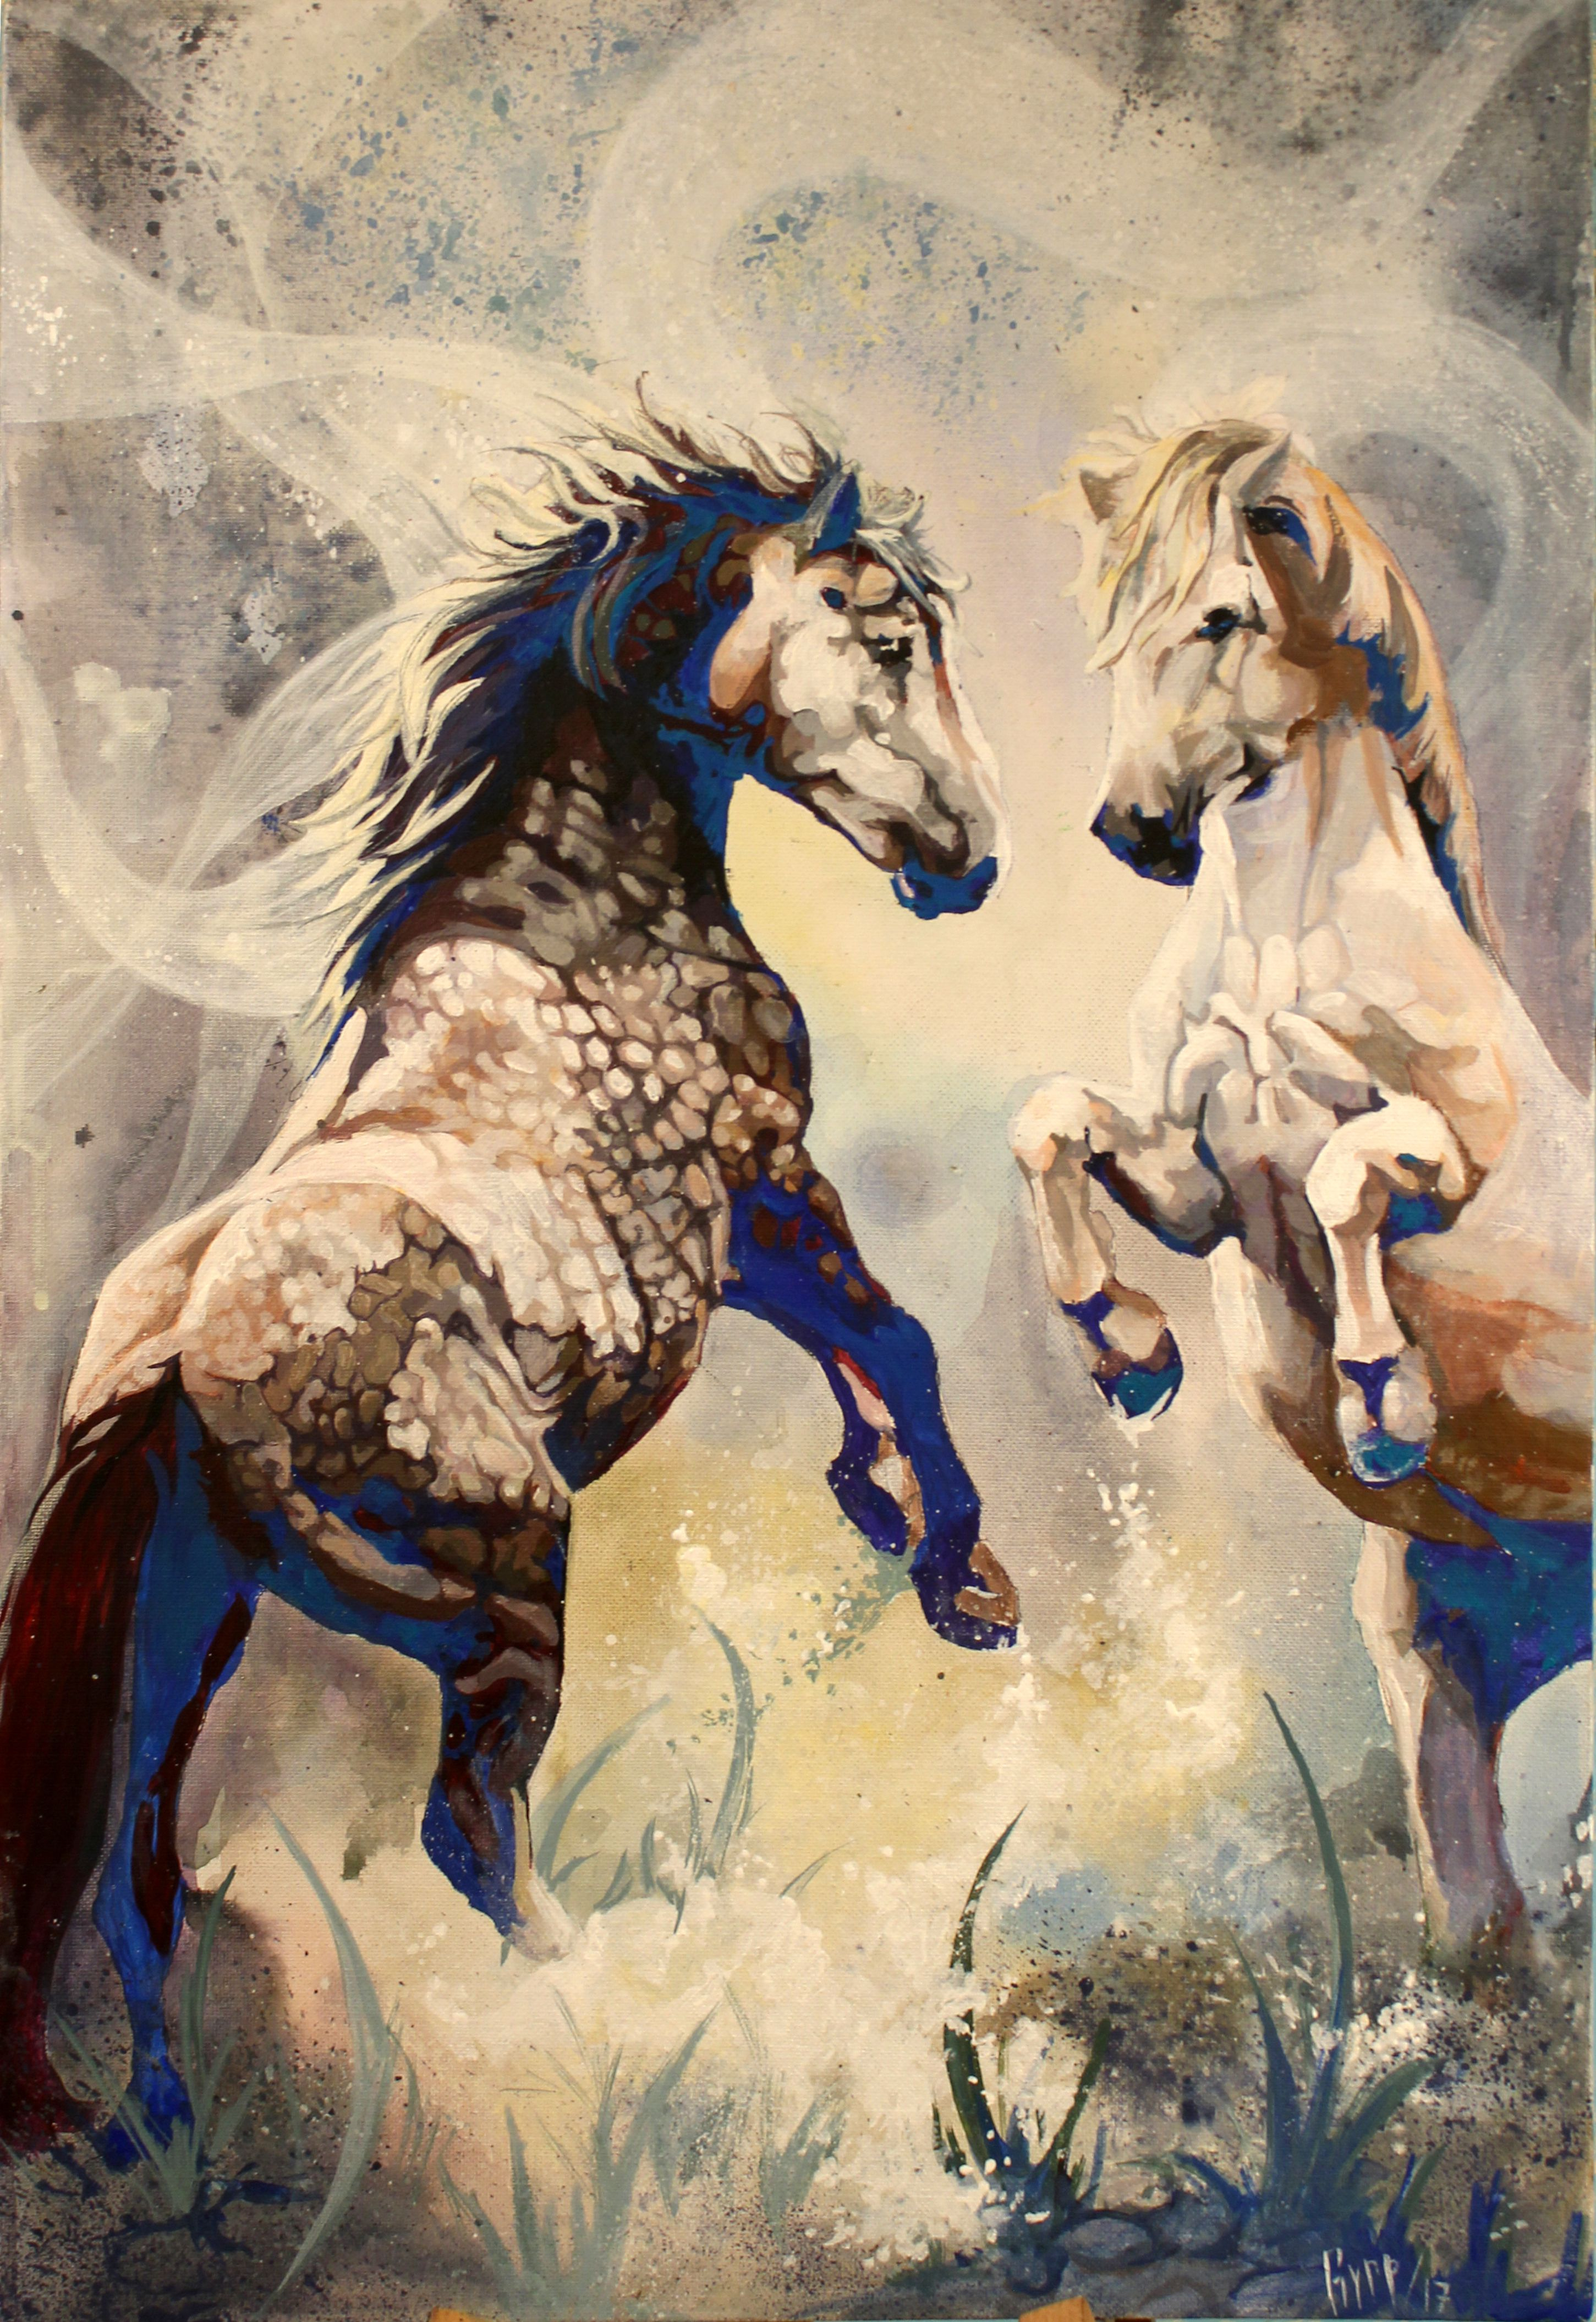 лошади радость облака ветер движение фантазия конь сказка космос подарок мечты